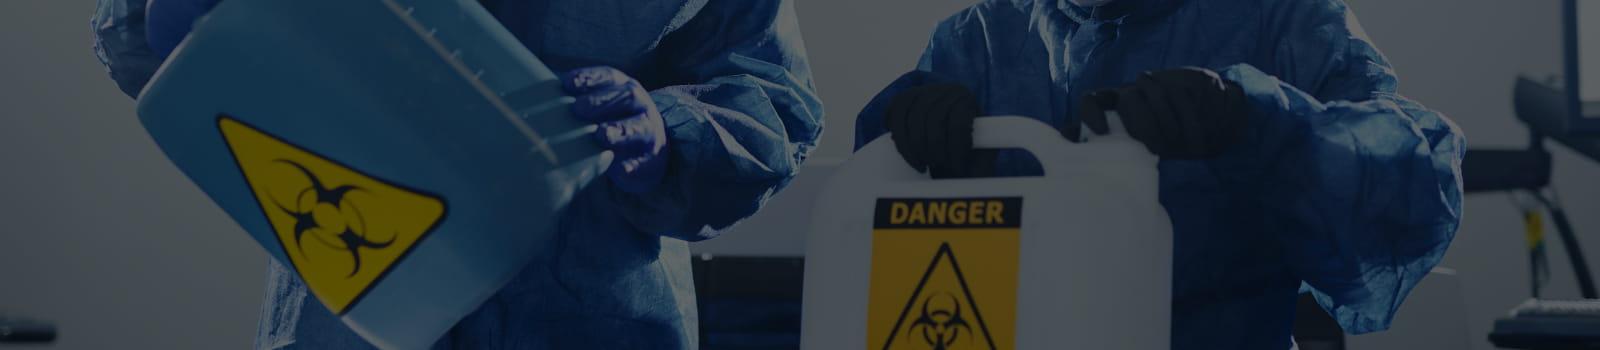 Saiba o que são riscos ambientais: médico oferecendo máscara e álcool em gel.